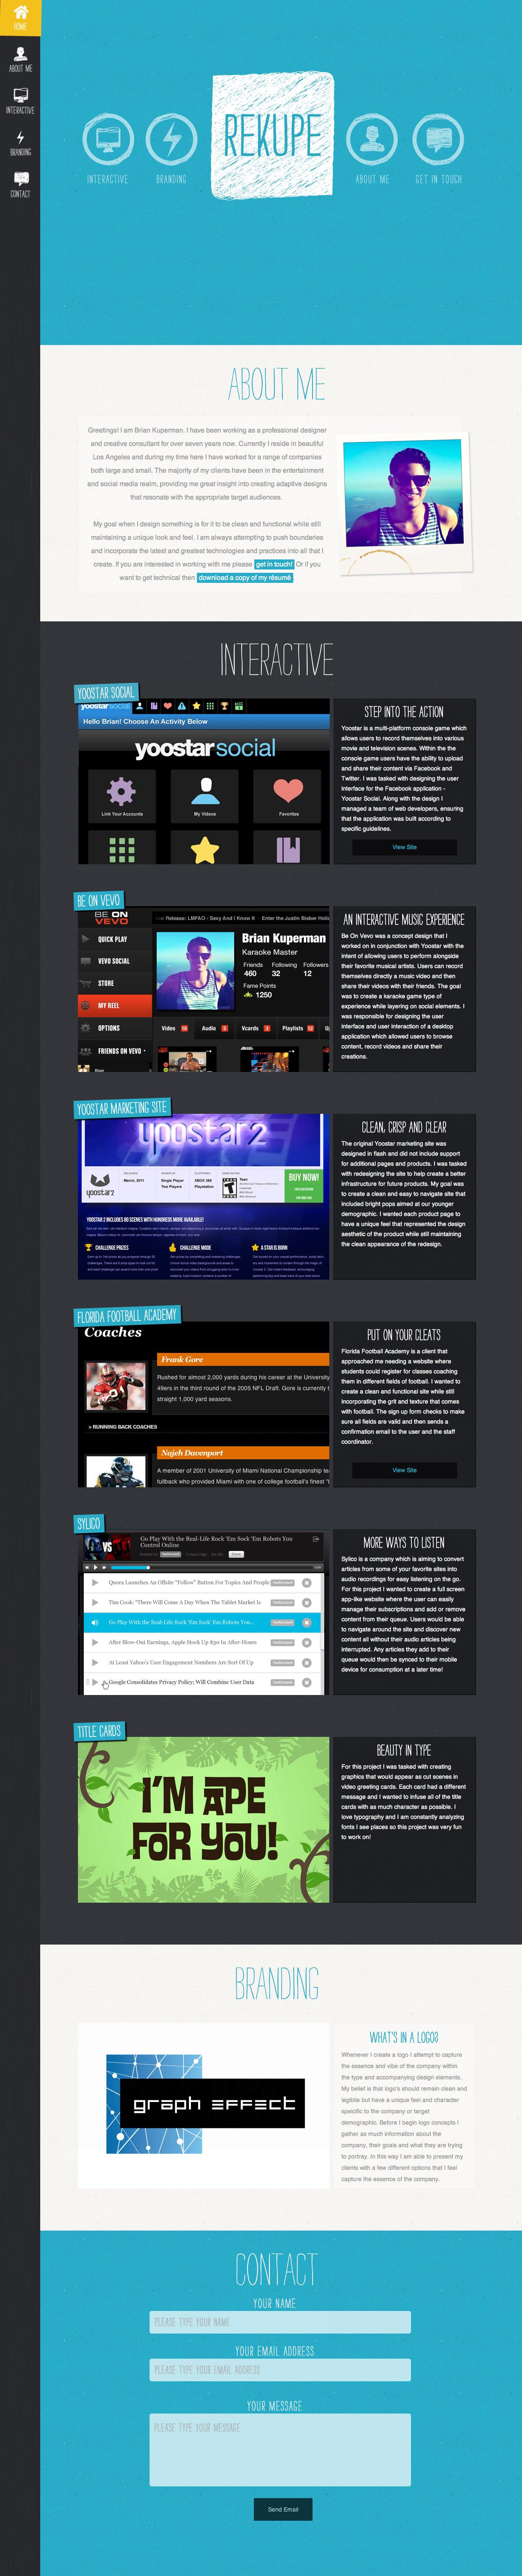 Rekupe Website Screenshot